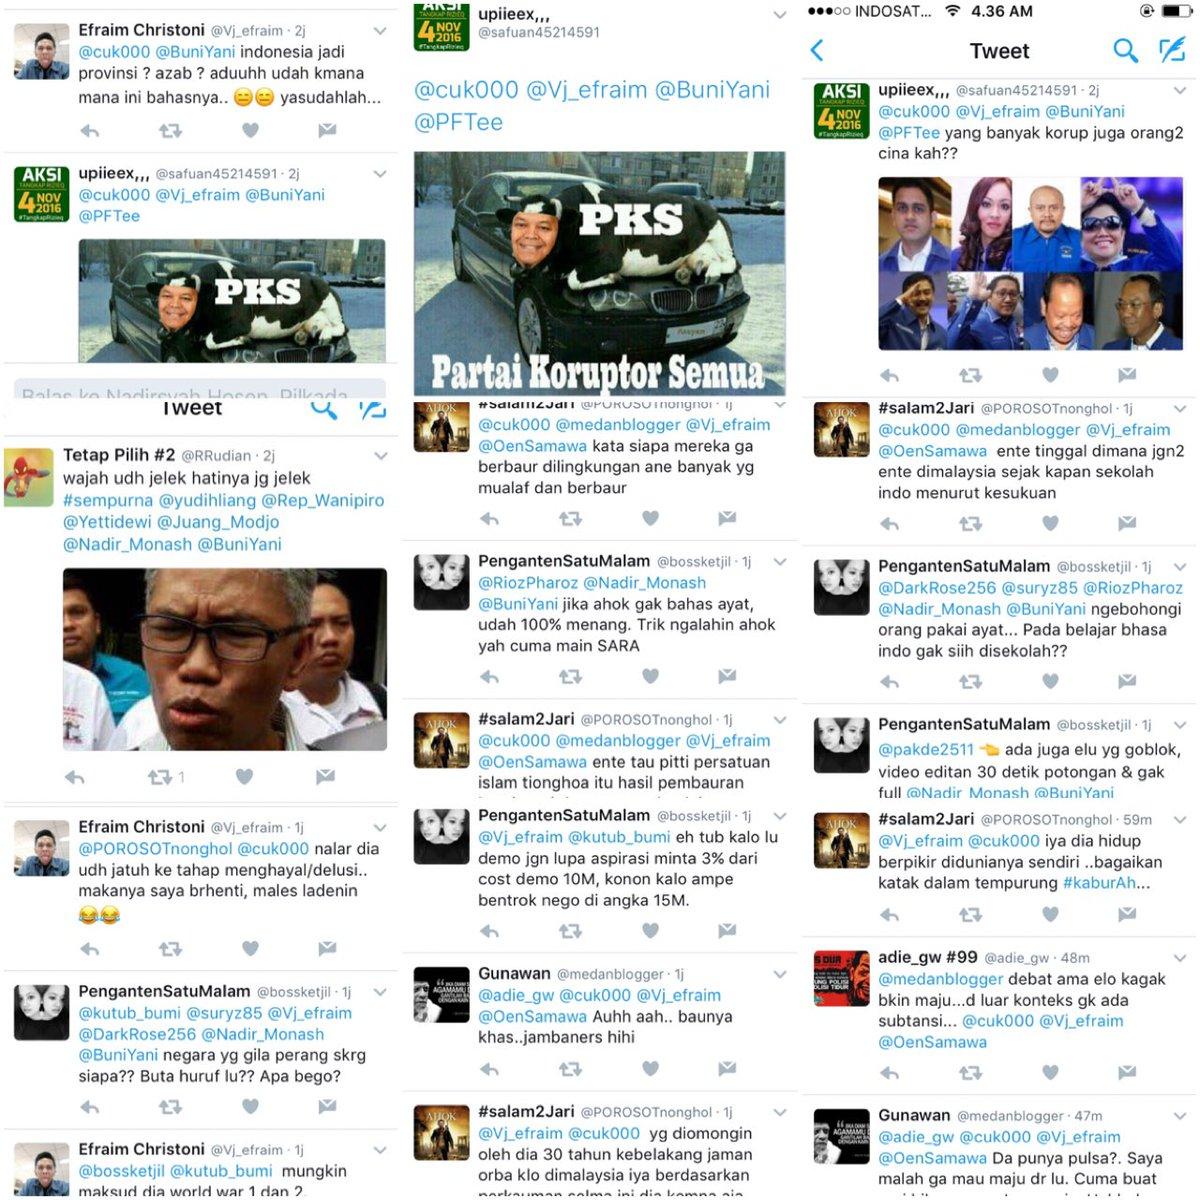 Joko Widodo On Twitter Fitnah Ujaran Kebencian Dan Kata2 Kasar Di